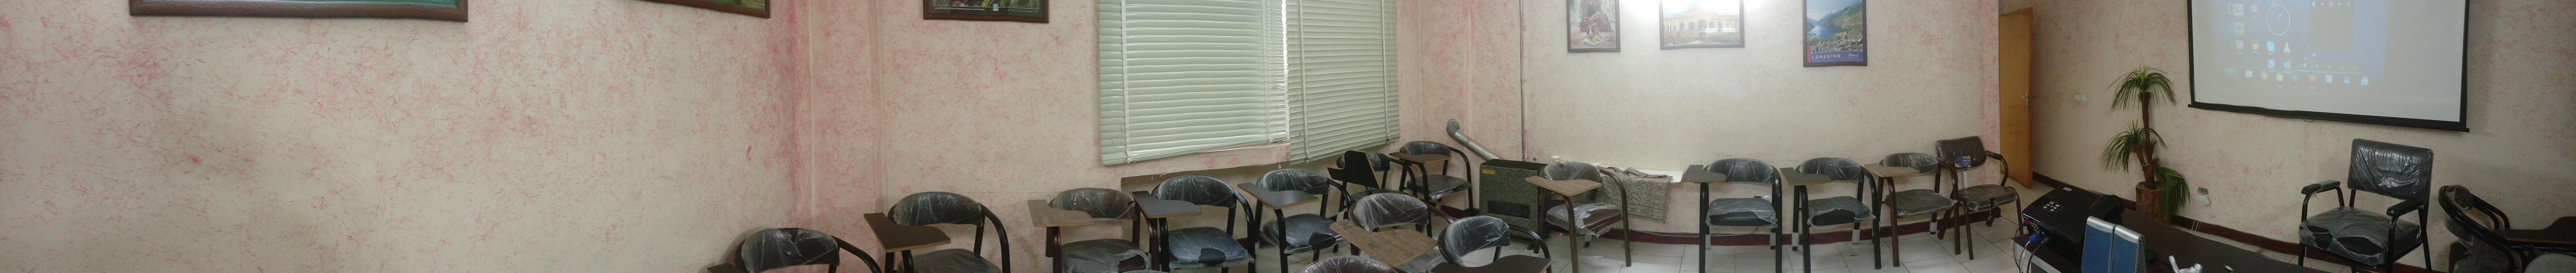 موسسه آموزشی مهرآموز